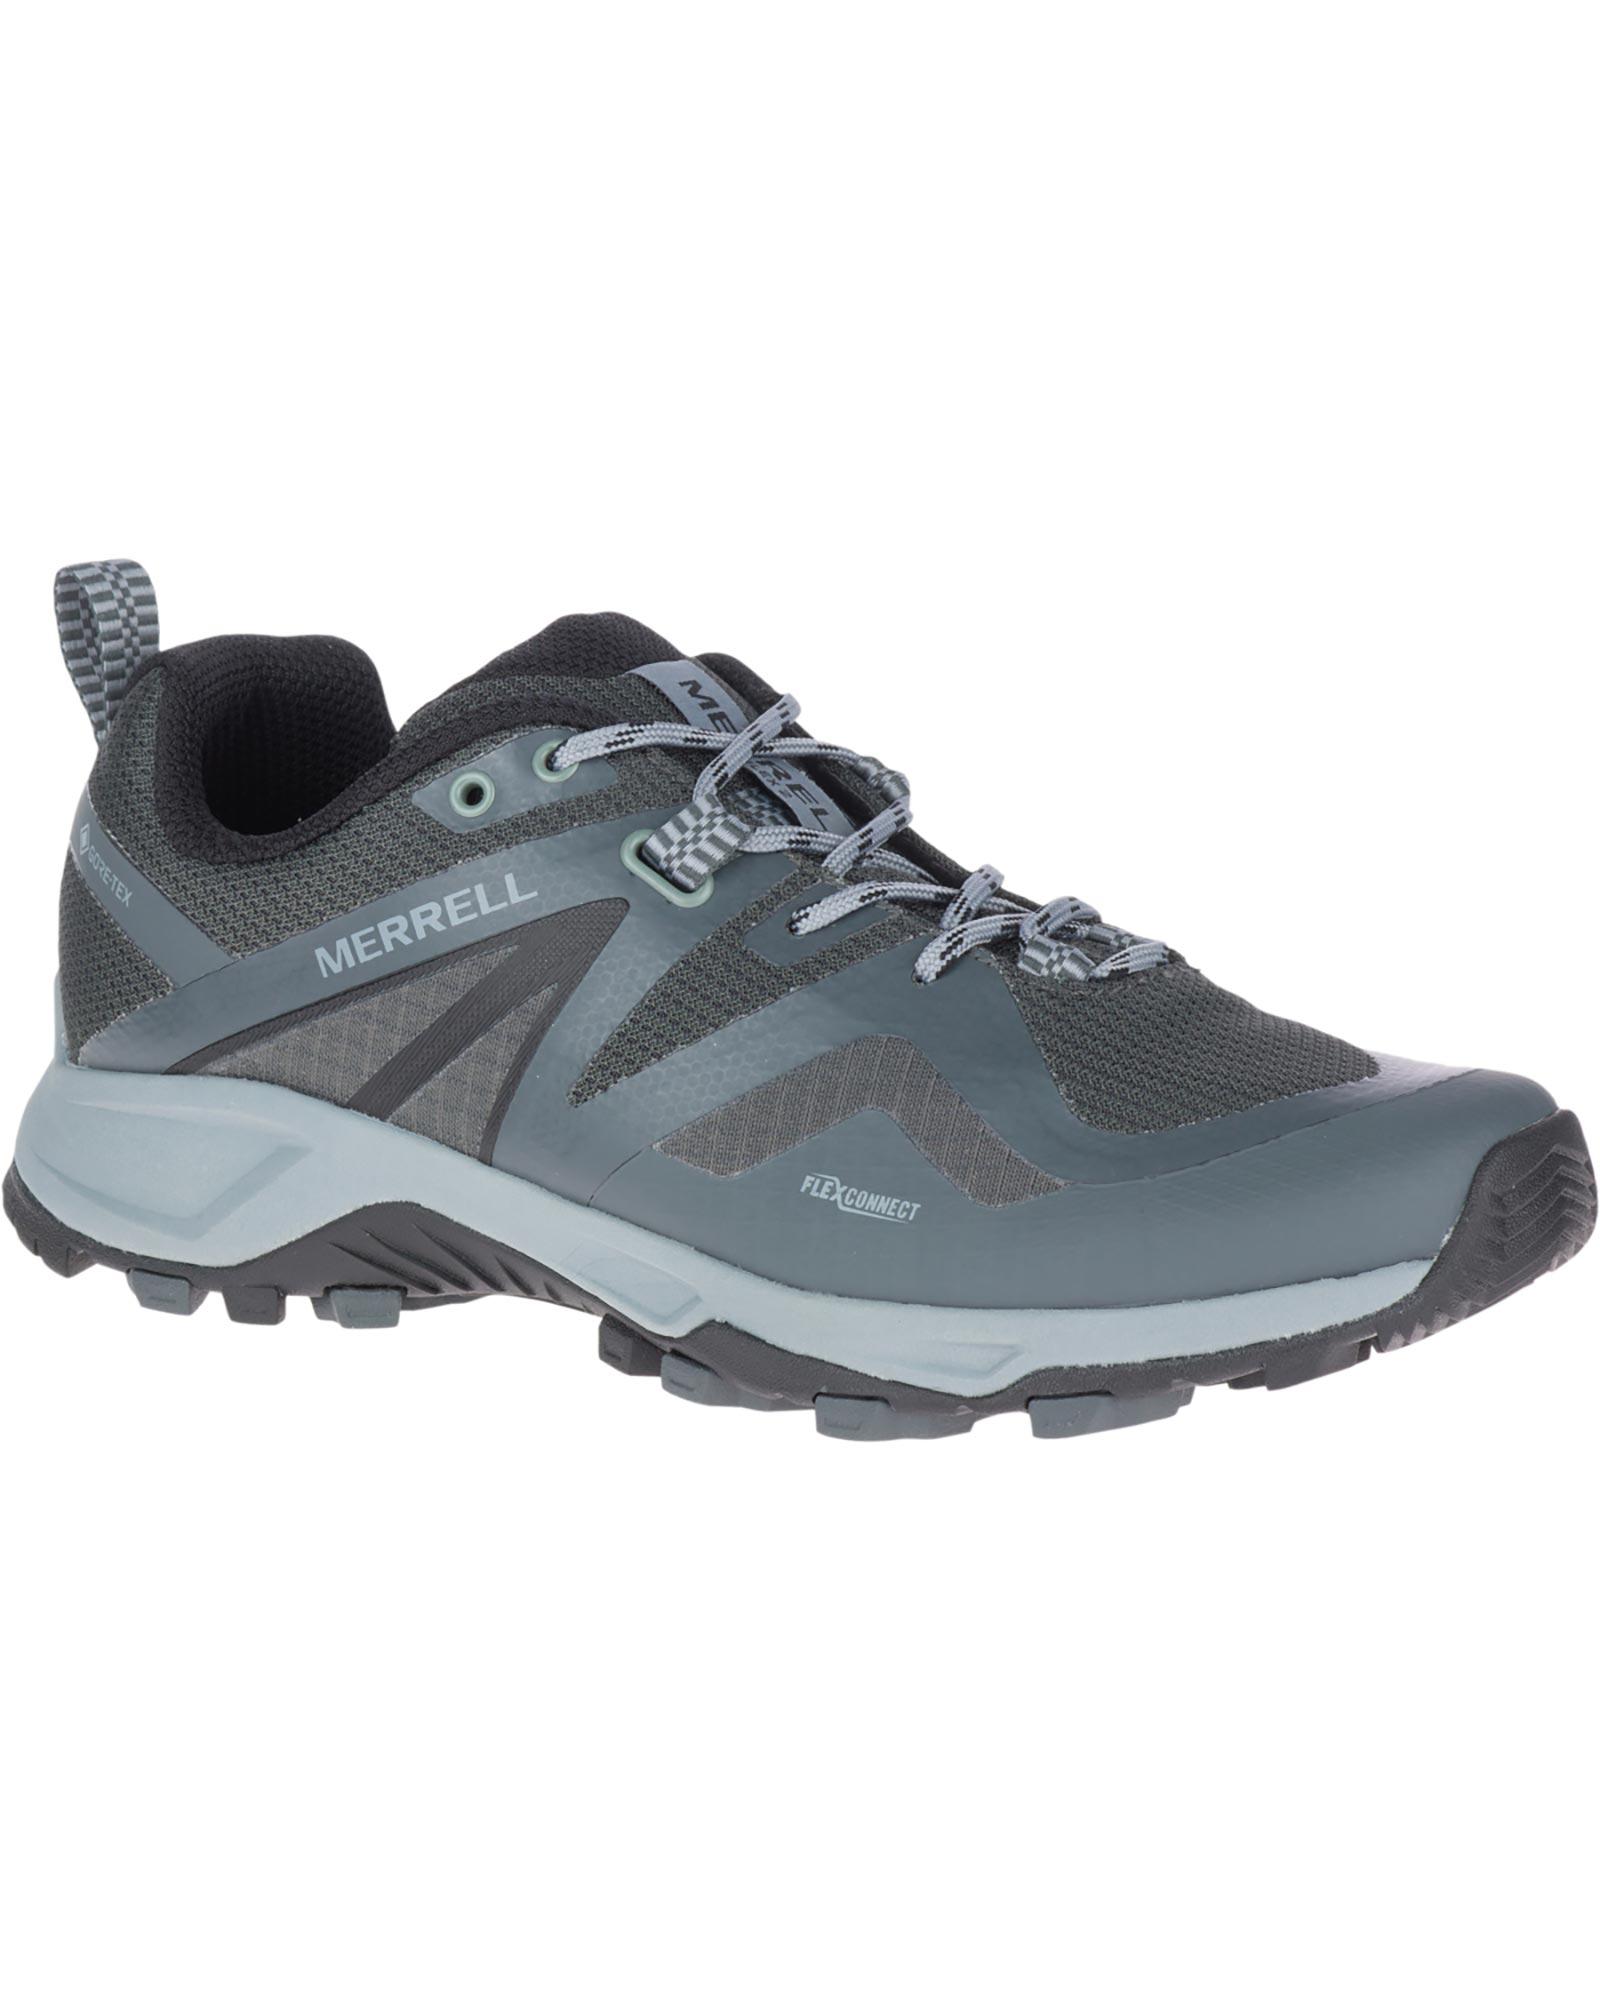 Merrell Men's MQM Flex 2 GORE-TEX Invisible Fit Walking Shoes 0